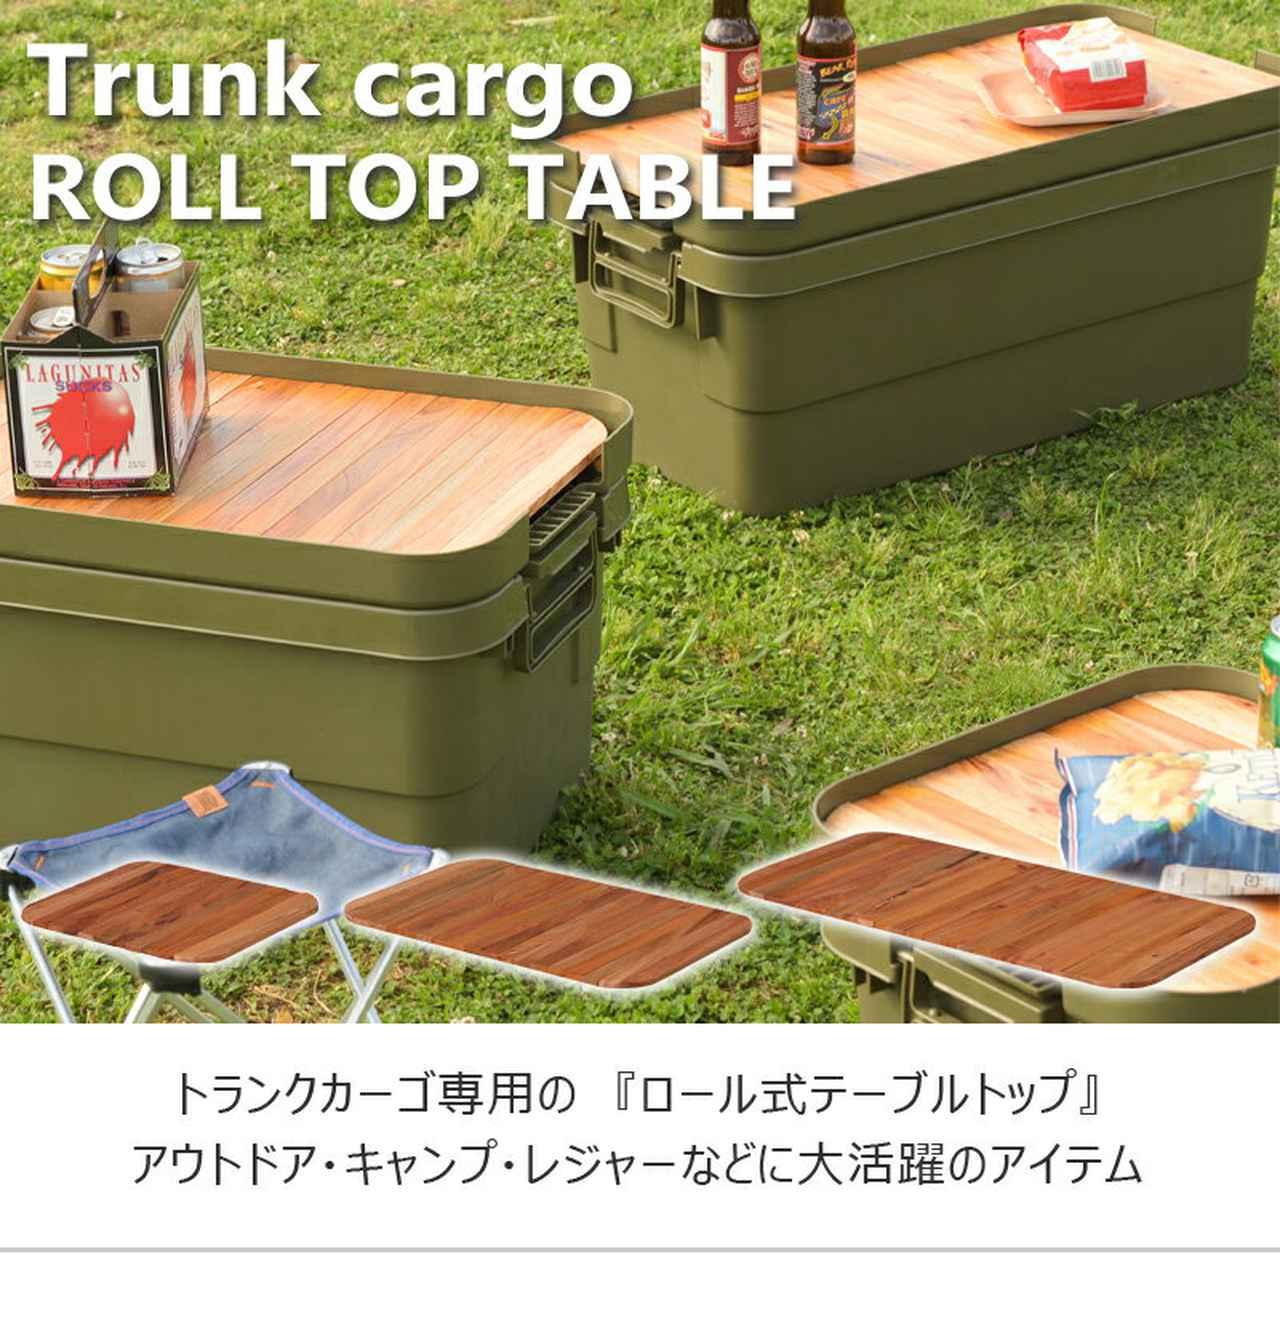 画像5: 【トランクカーゴ収納テク】製造元に聞くキャンプギア収納のコツ!仕切り&天板を使ったカスタム例を一挙紹介